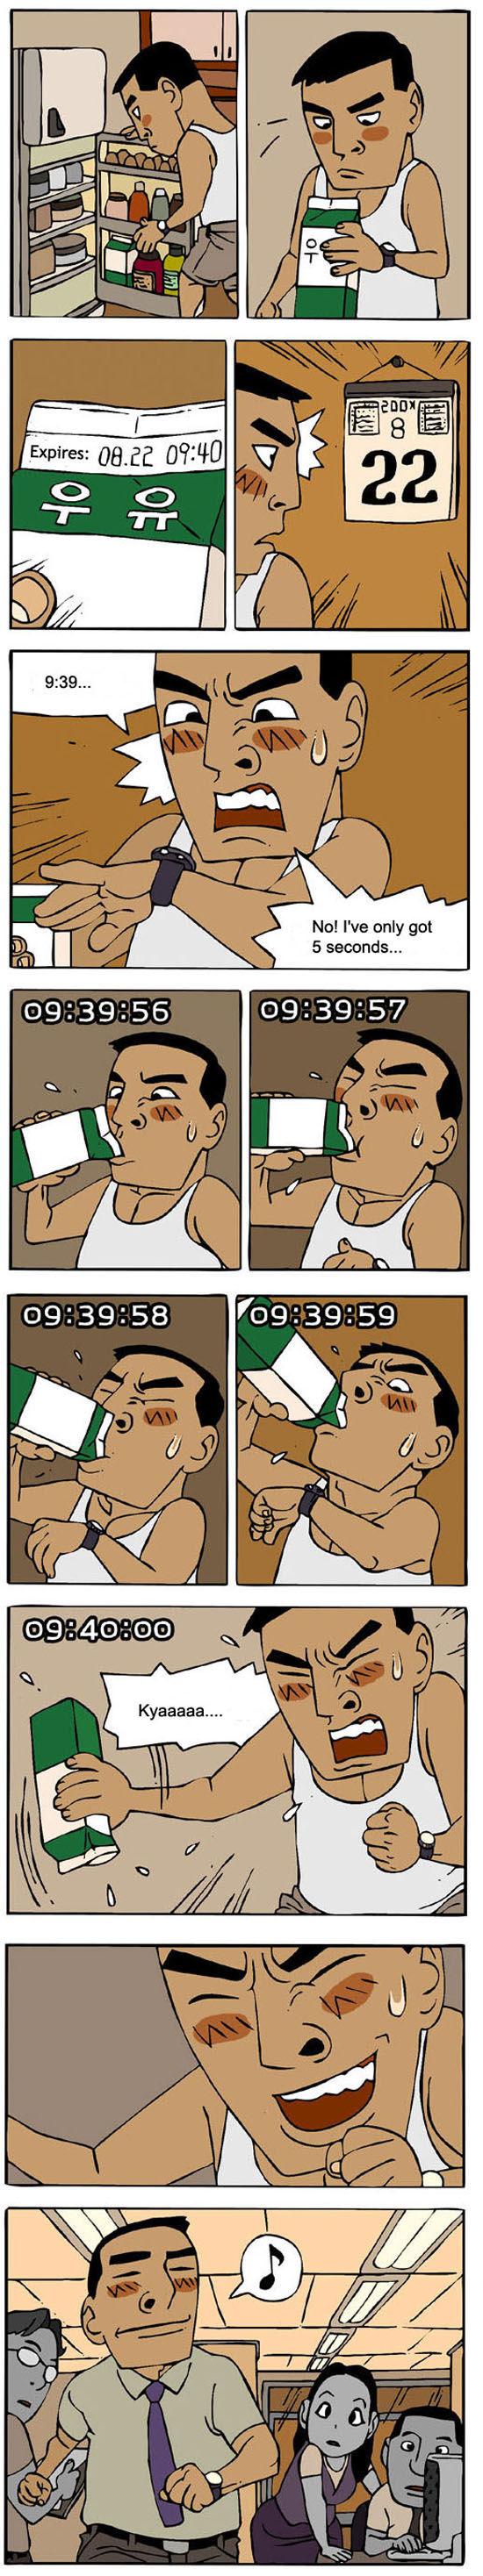 Funny Korean Comic Strips  Part 2 (14 pics) - Izismile com